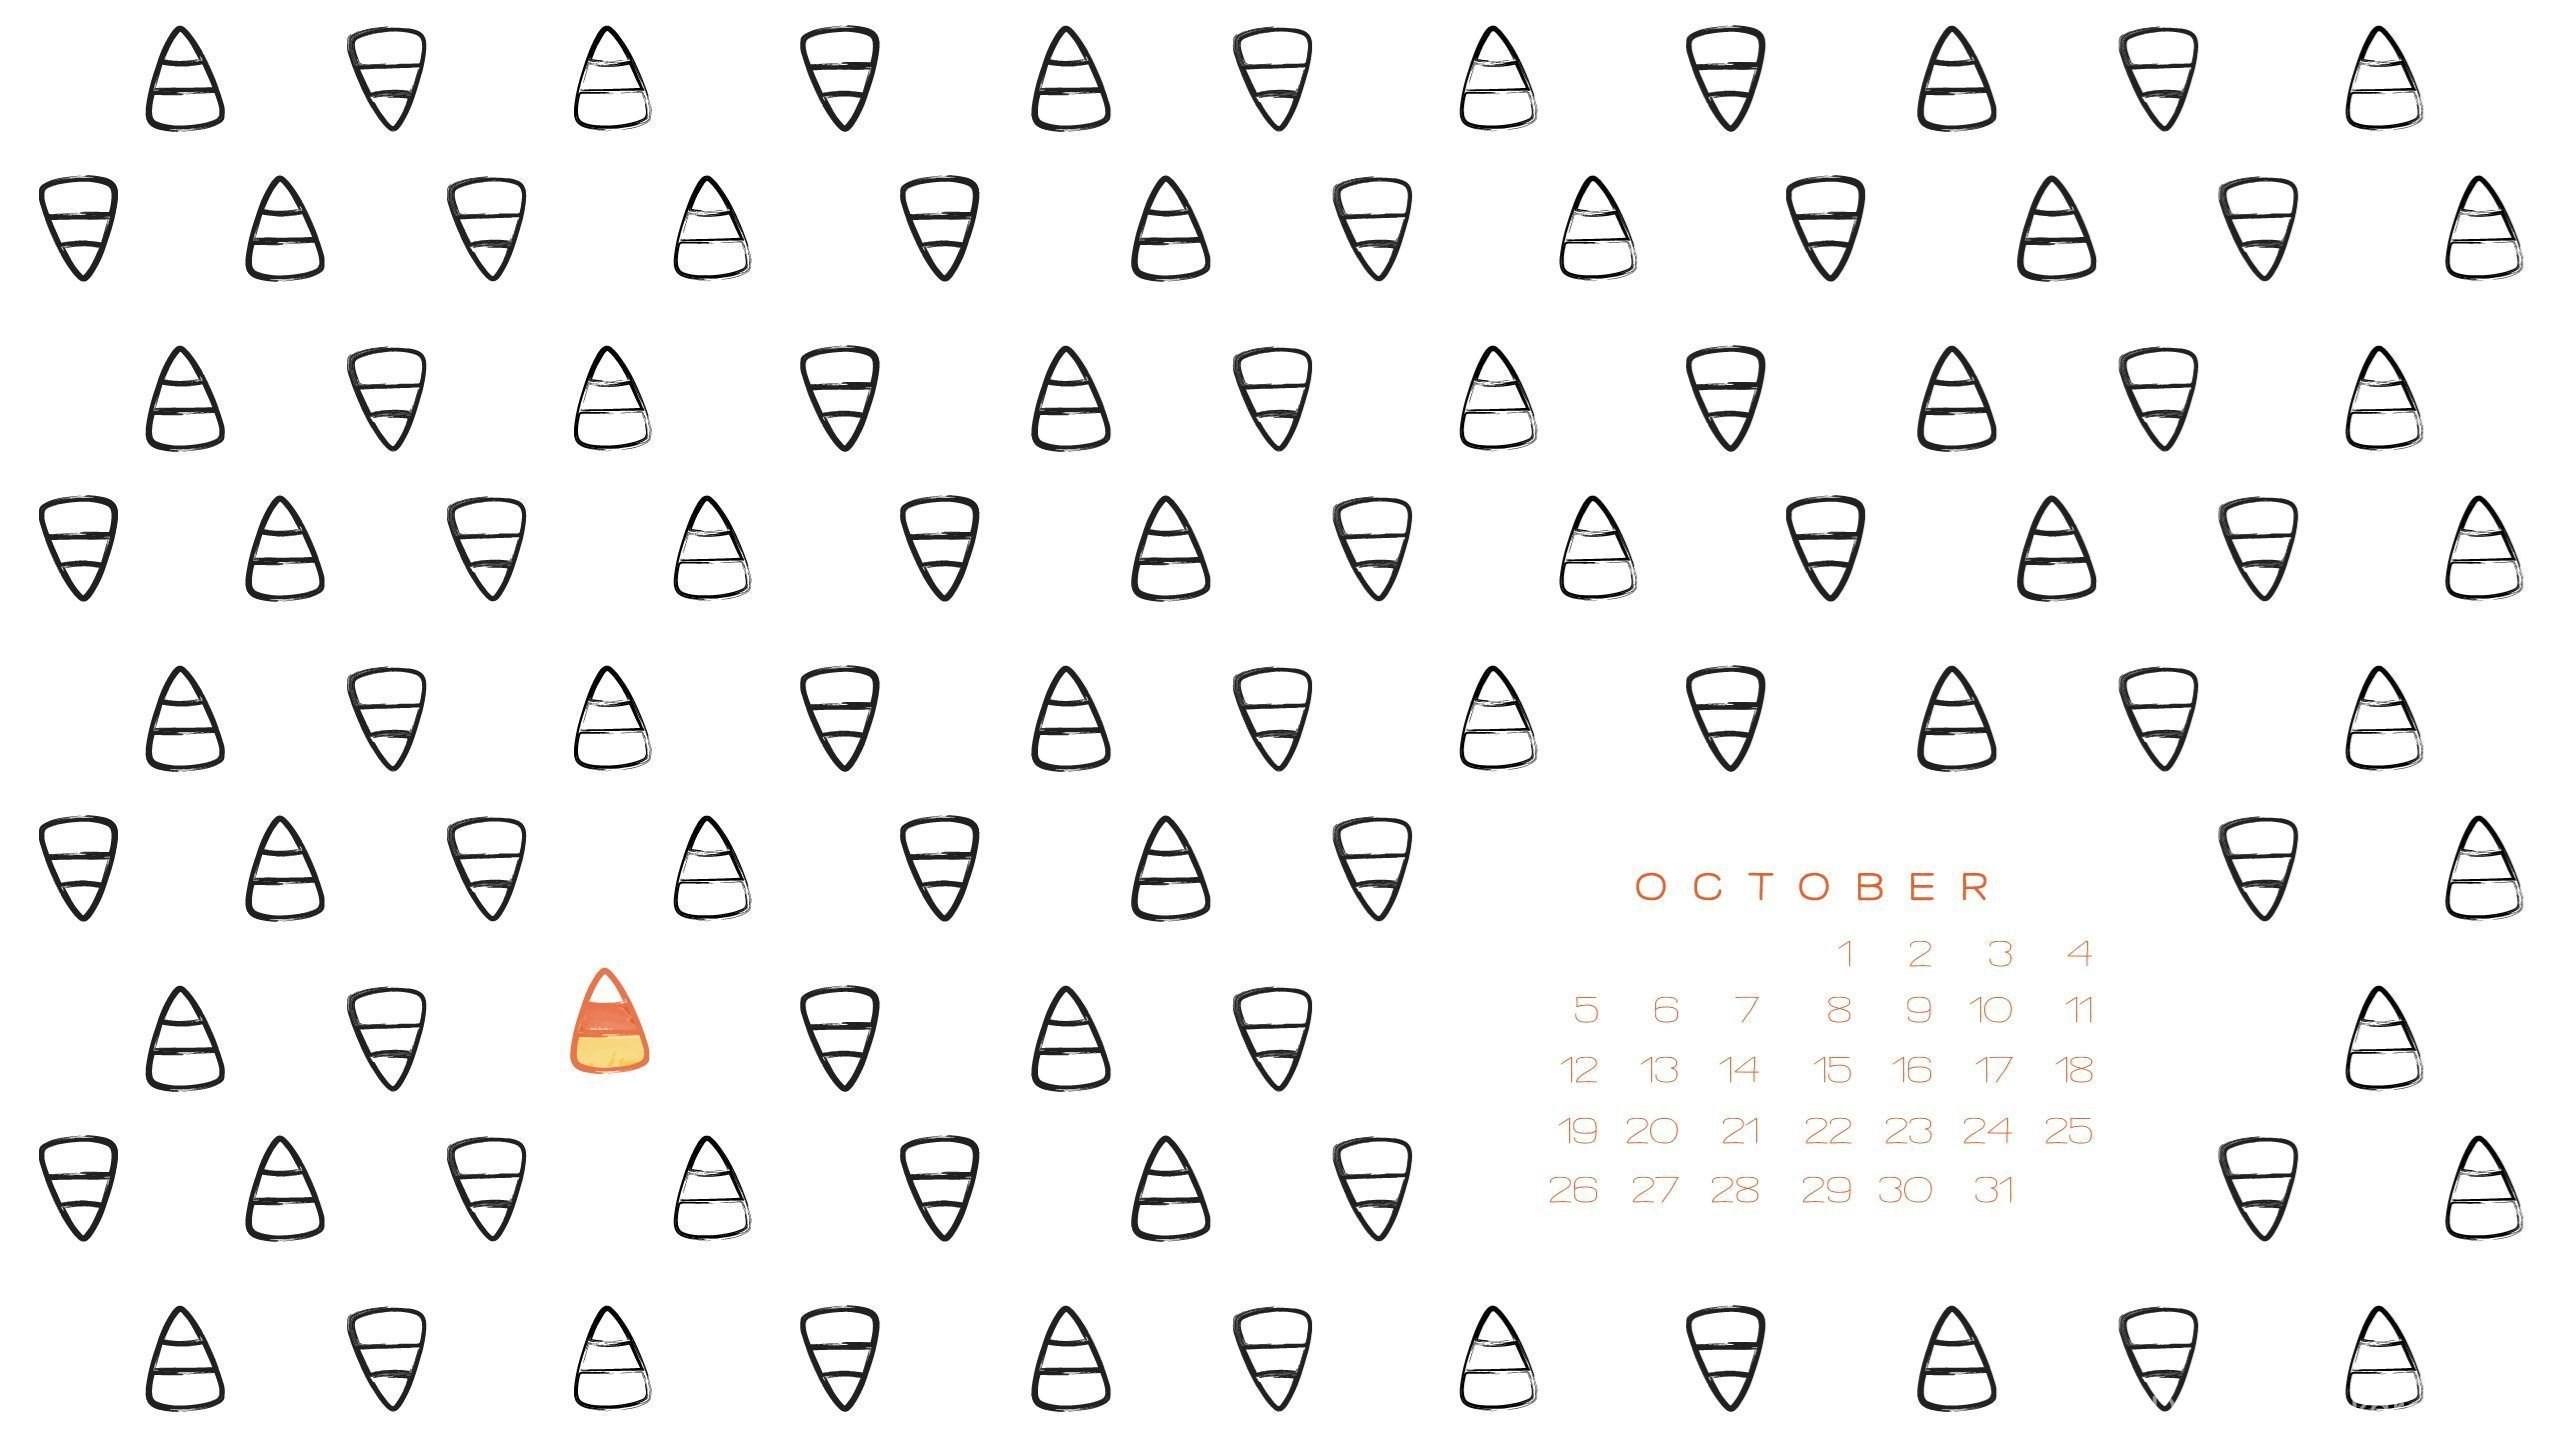 October 2014 Free Wallpapers Desktop Background